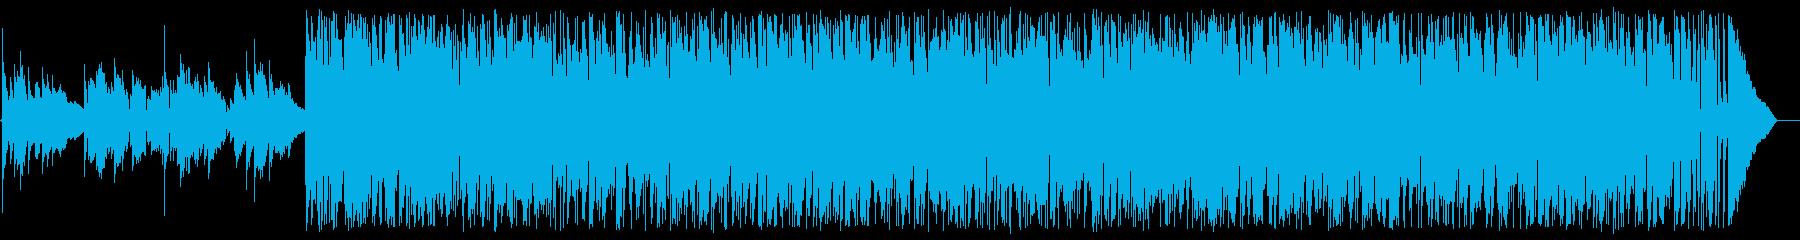 マイ・ボニー ボサノバアレンジの再生済みの波形